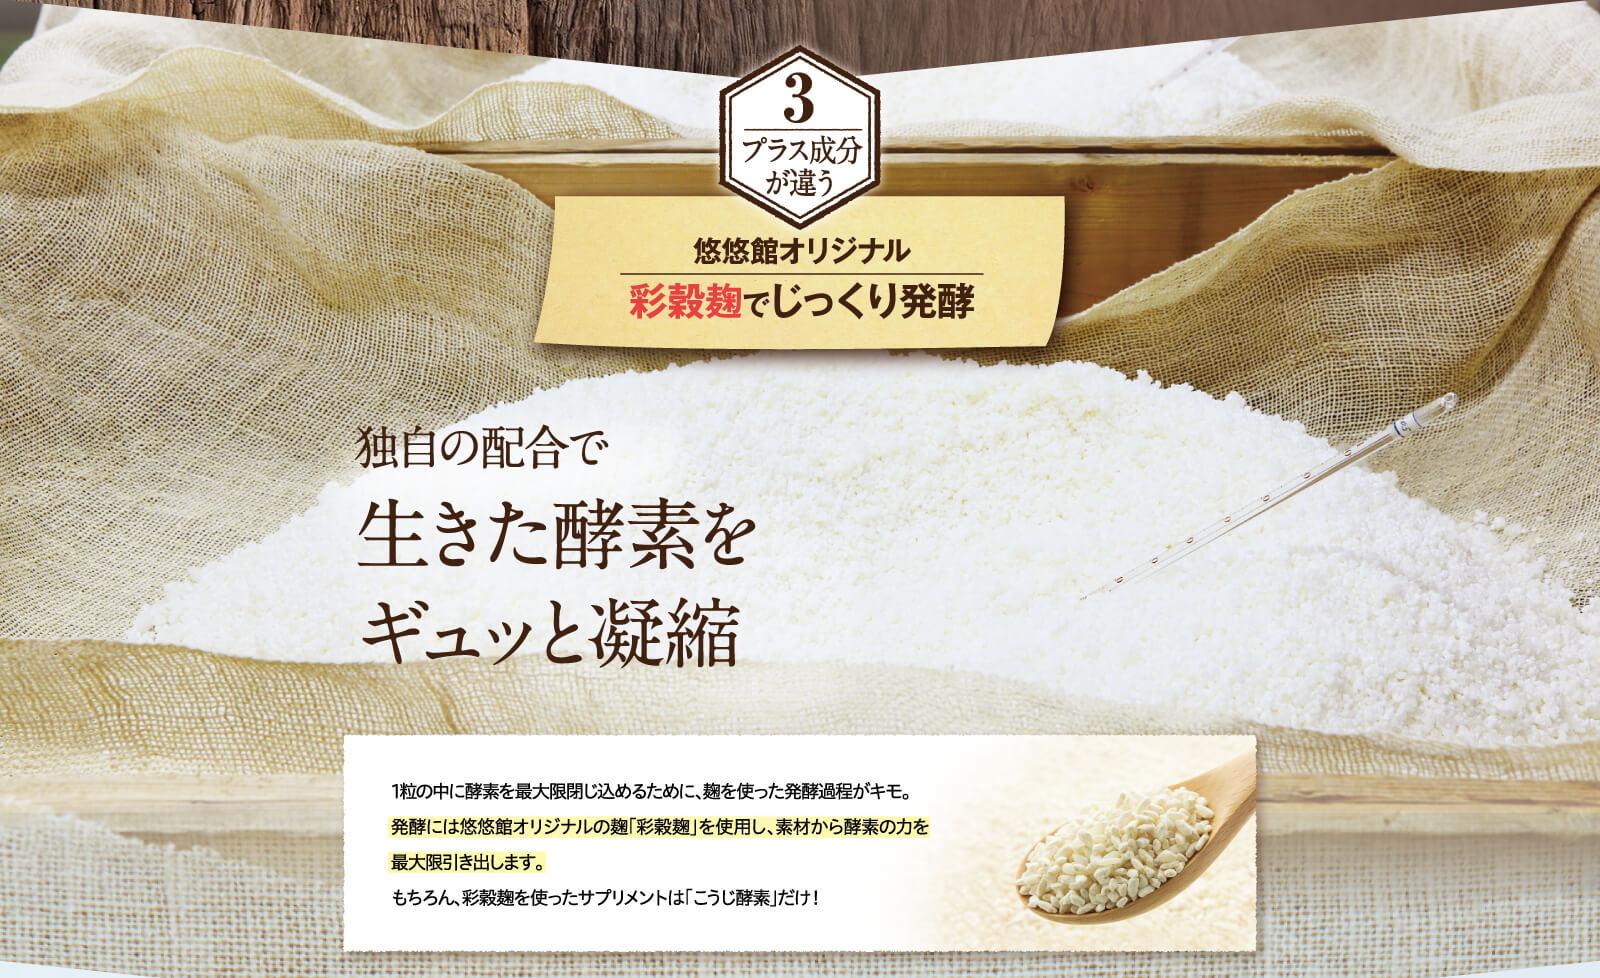 3.プラス成分が違う 悠悠館オリジナル彩穀麹でじっくり発酵